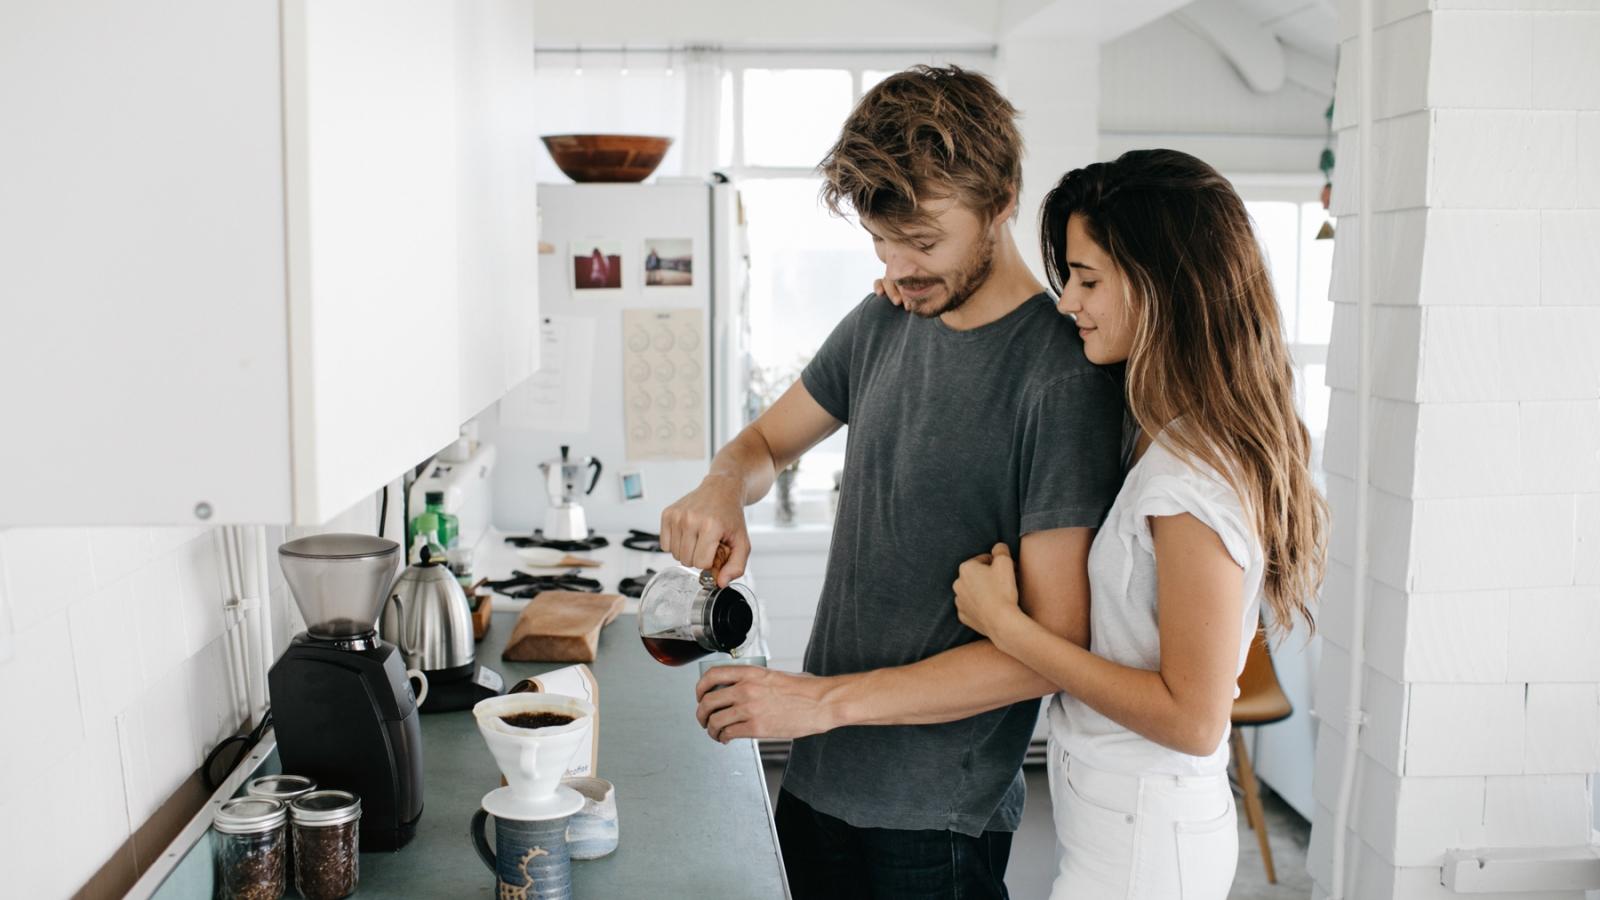 Làm thế nào để giải quyết những xích mích trong tình yêu?